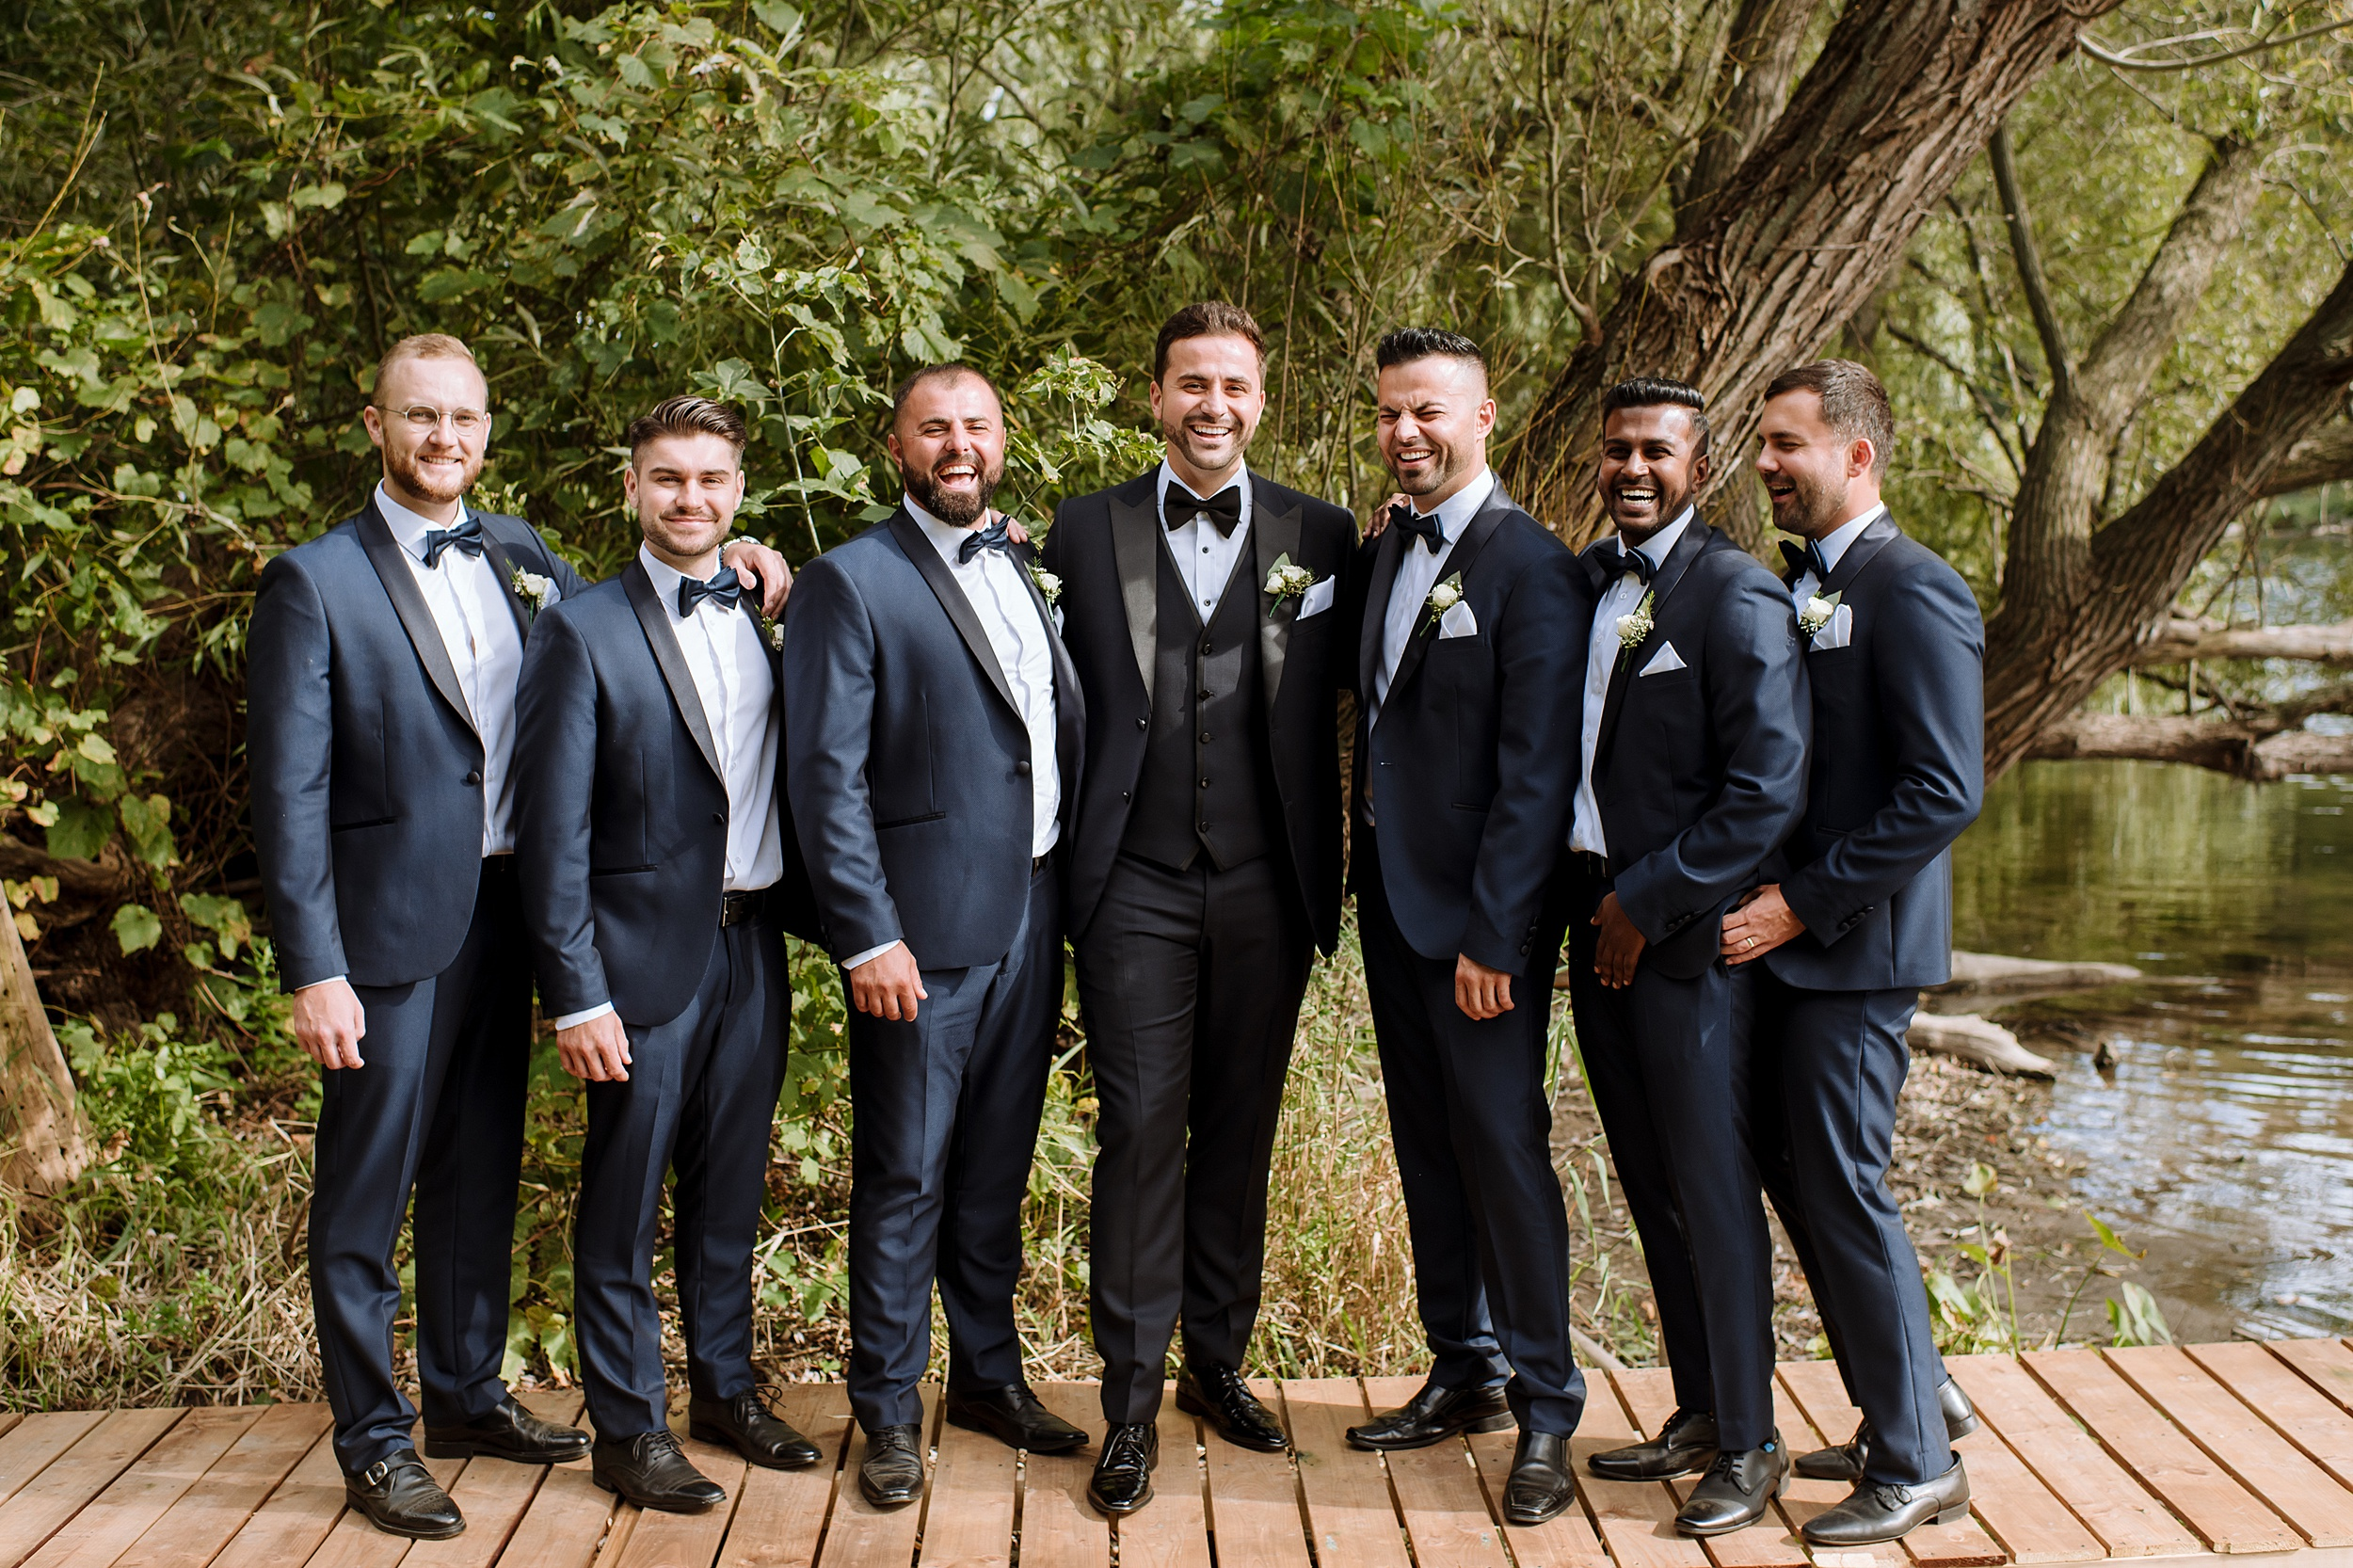 Rustic_Backyard_Wedding_Toronto_Photographer058.jpg